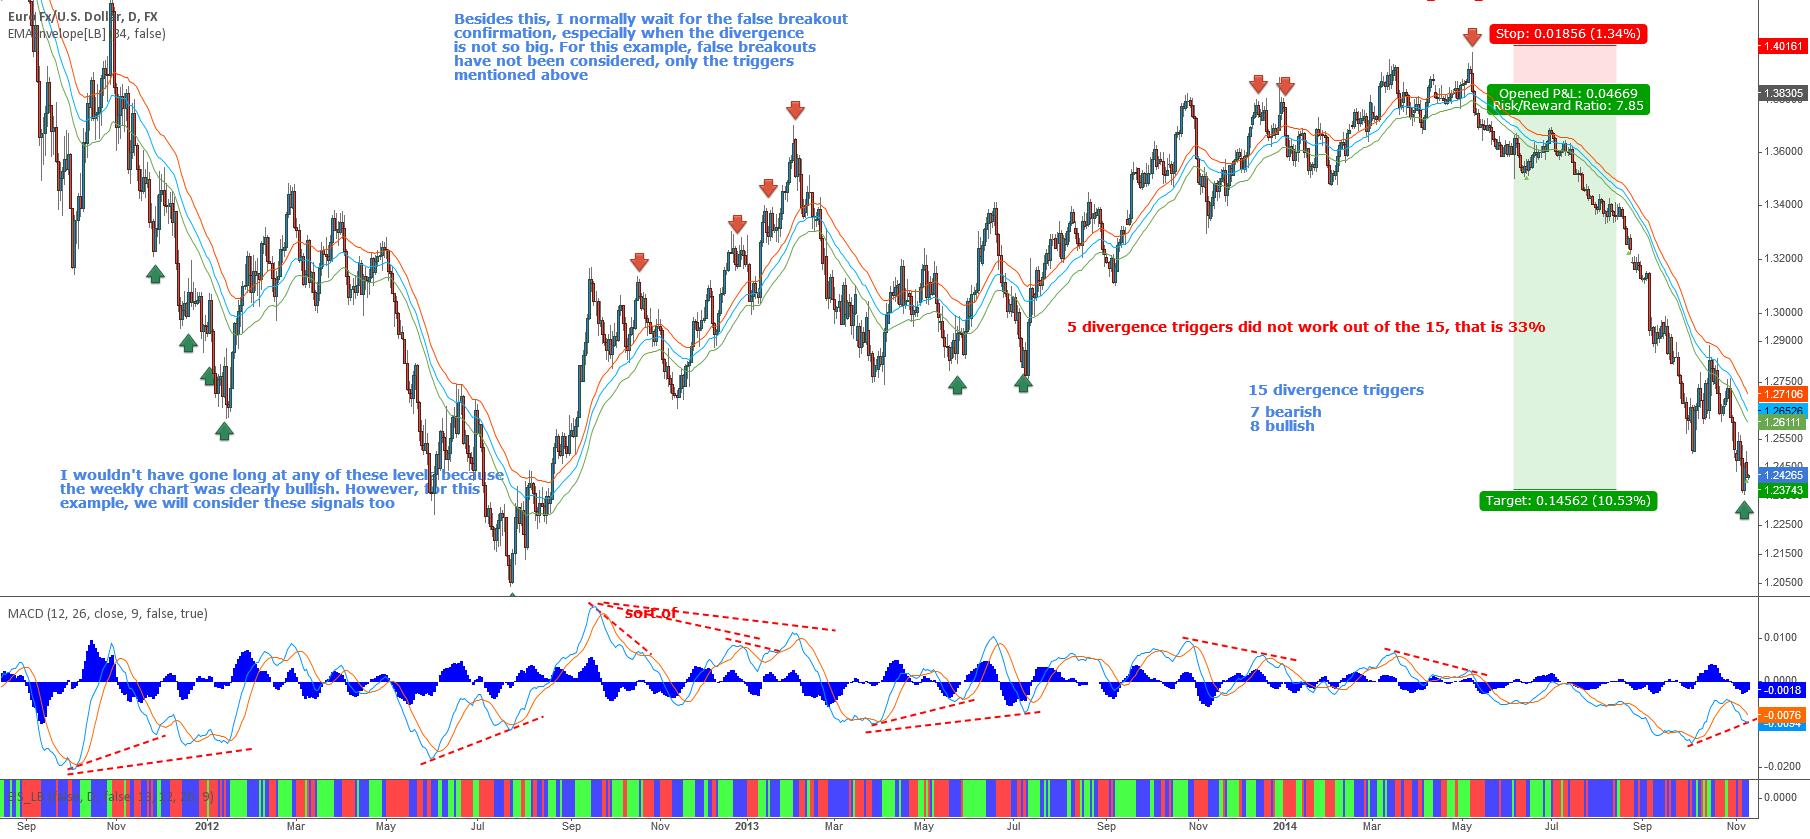 EURUSD - Sep2011 - Nov2014 divergences